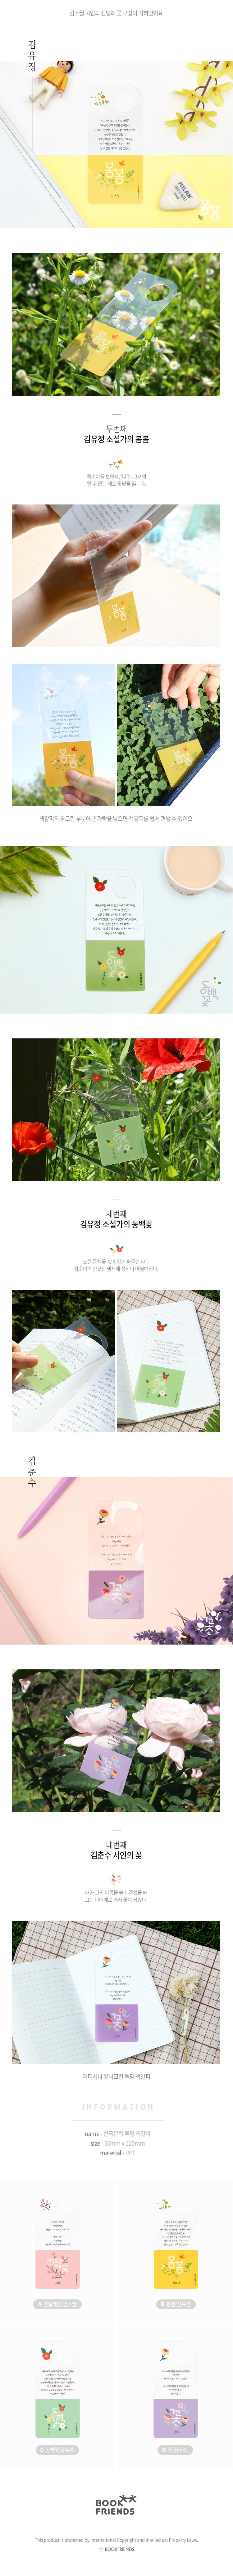 한국문학 투명 책갈피 - 북프렌즈, 1,500원, 북마크/책갈피, 심플